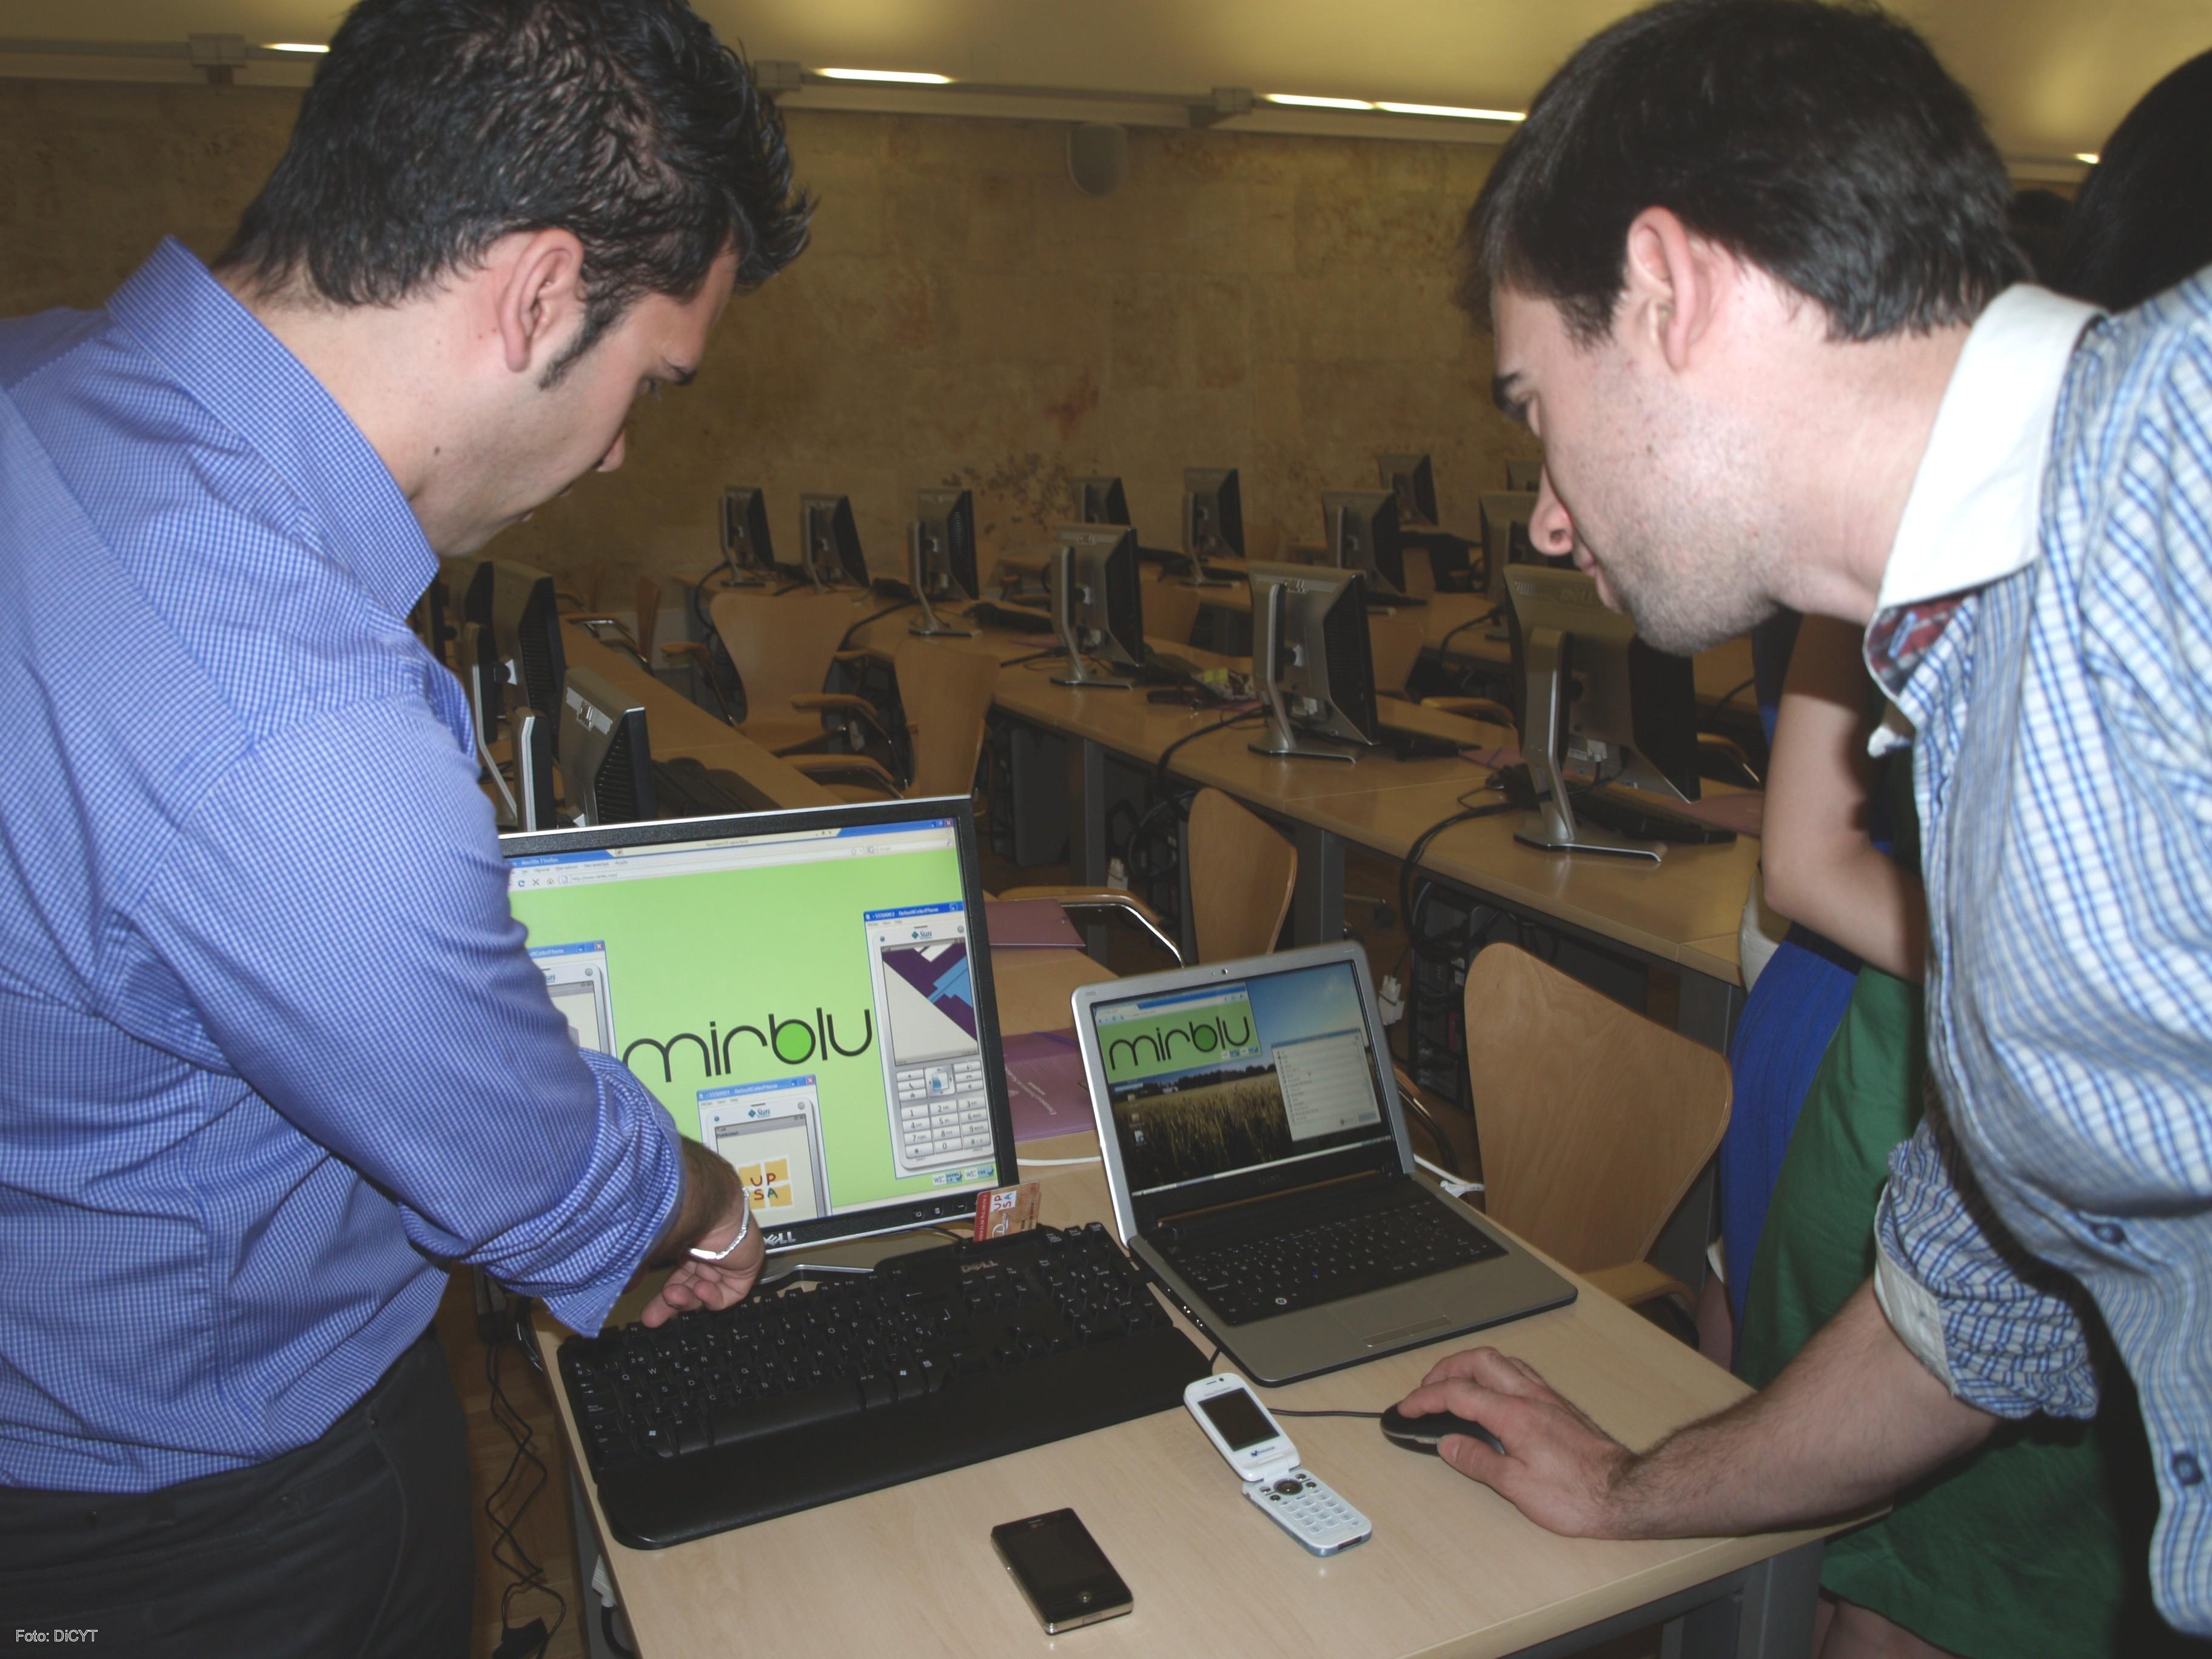 Los dos jóvenes emprendedores muestran su trabajo en el ordenador.